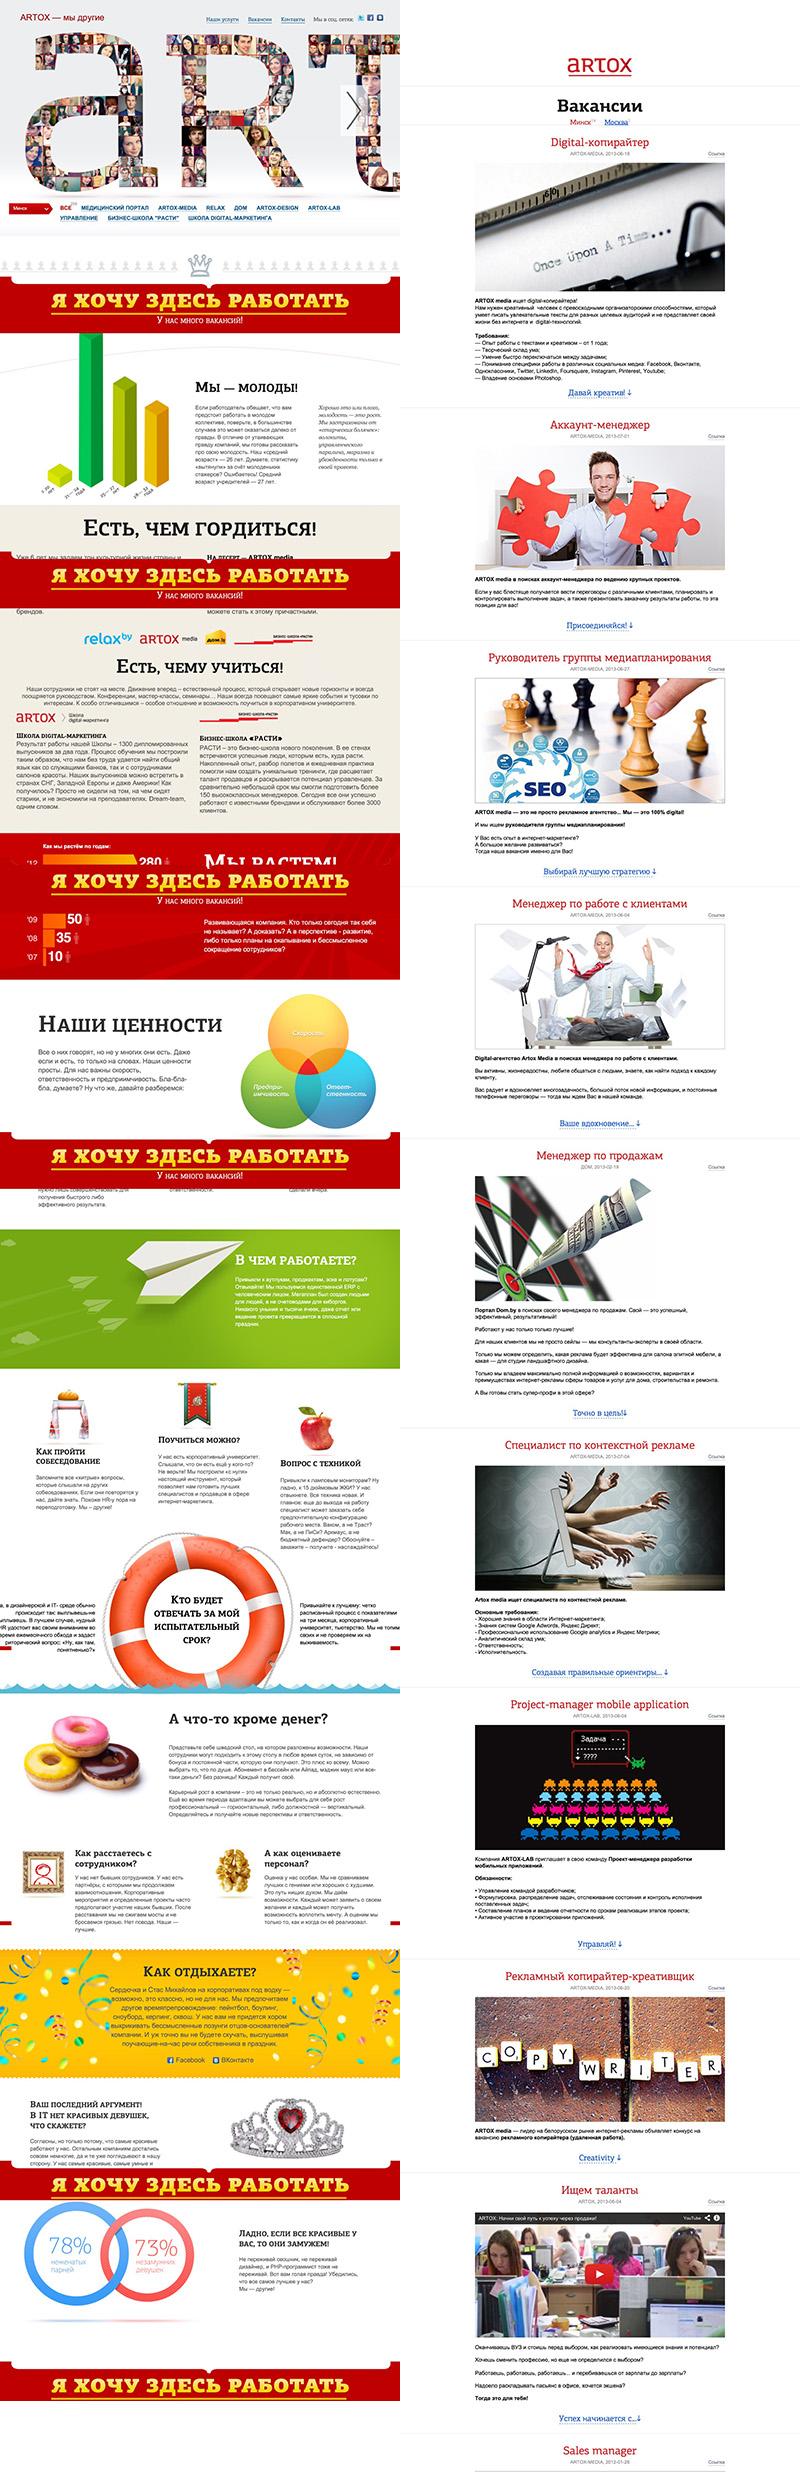 Artox Студия Сорокина Карьерный сайт Кейс Кейс: как привлекать дорогостоящих игреков и зетов в компанию?